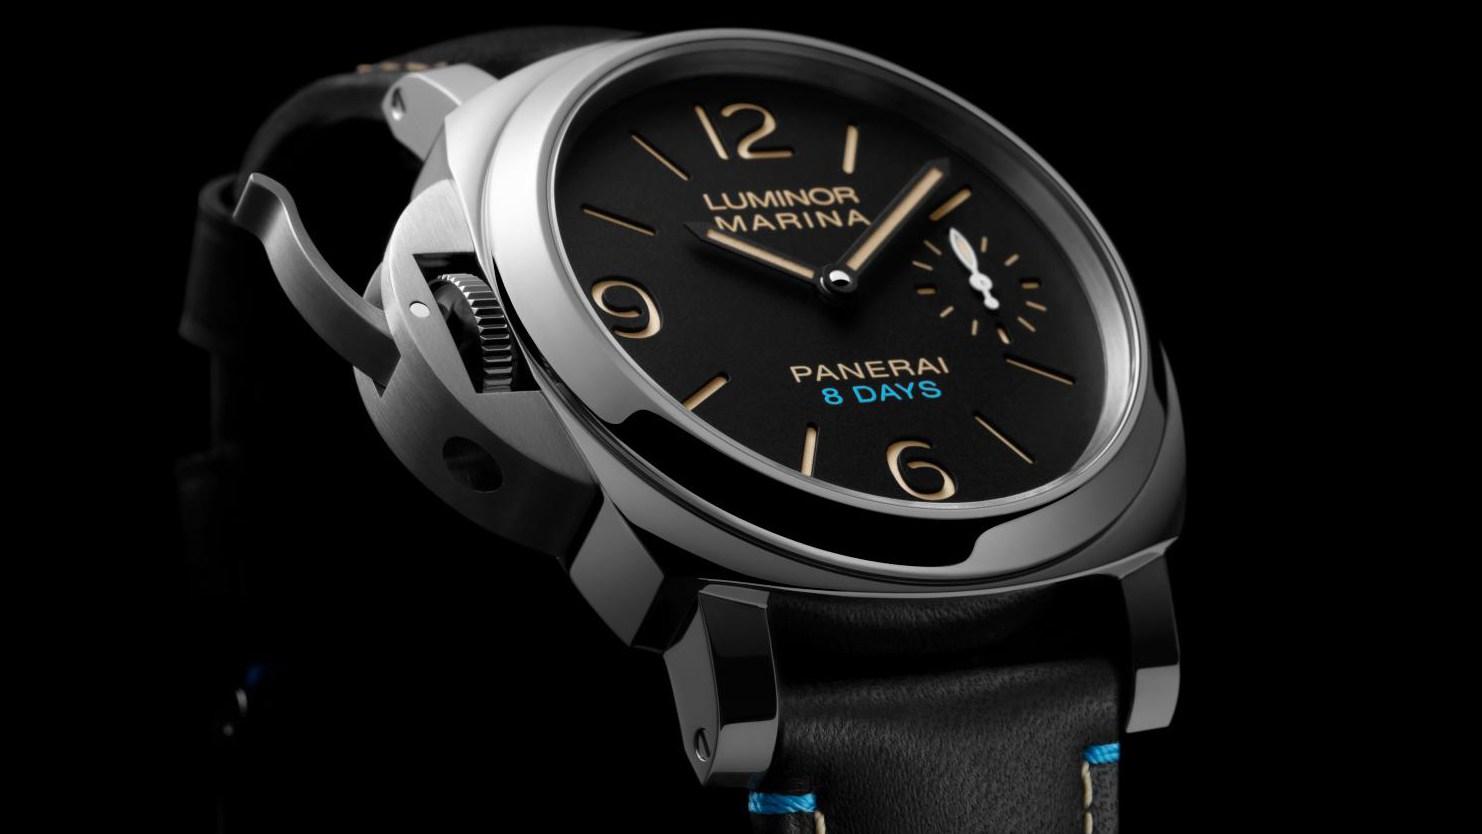 panerai-luminor-marina-8-days-power-reserve-left-hand-pam796-5.jpg